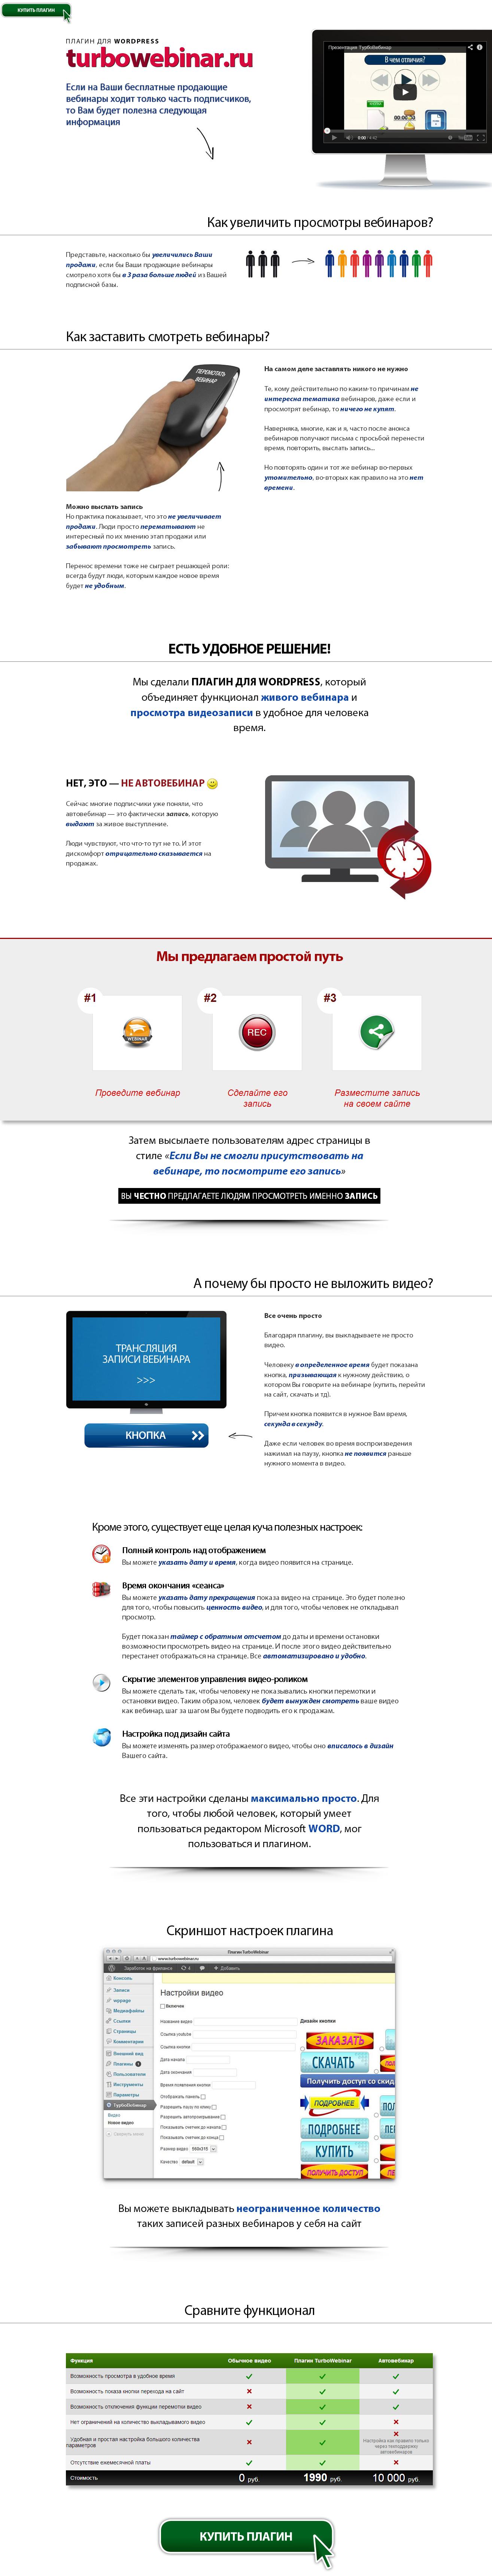 Промо-сайт плагина «Turbowebinar» для Рустама Назипова